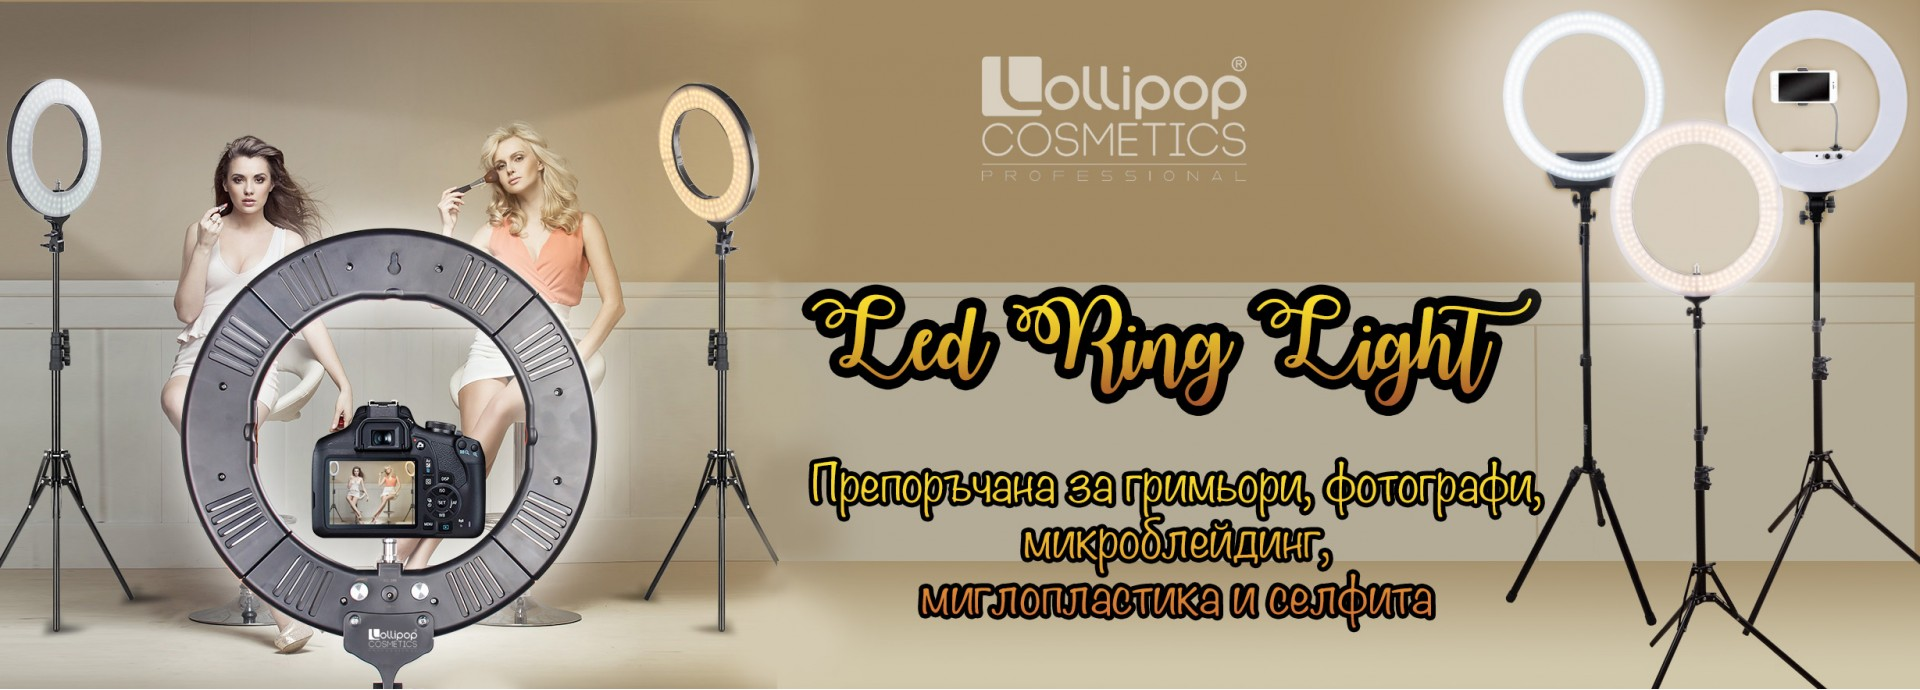 лед ринг лампа, led, ring light, фотографска лампа, ринг, лампа